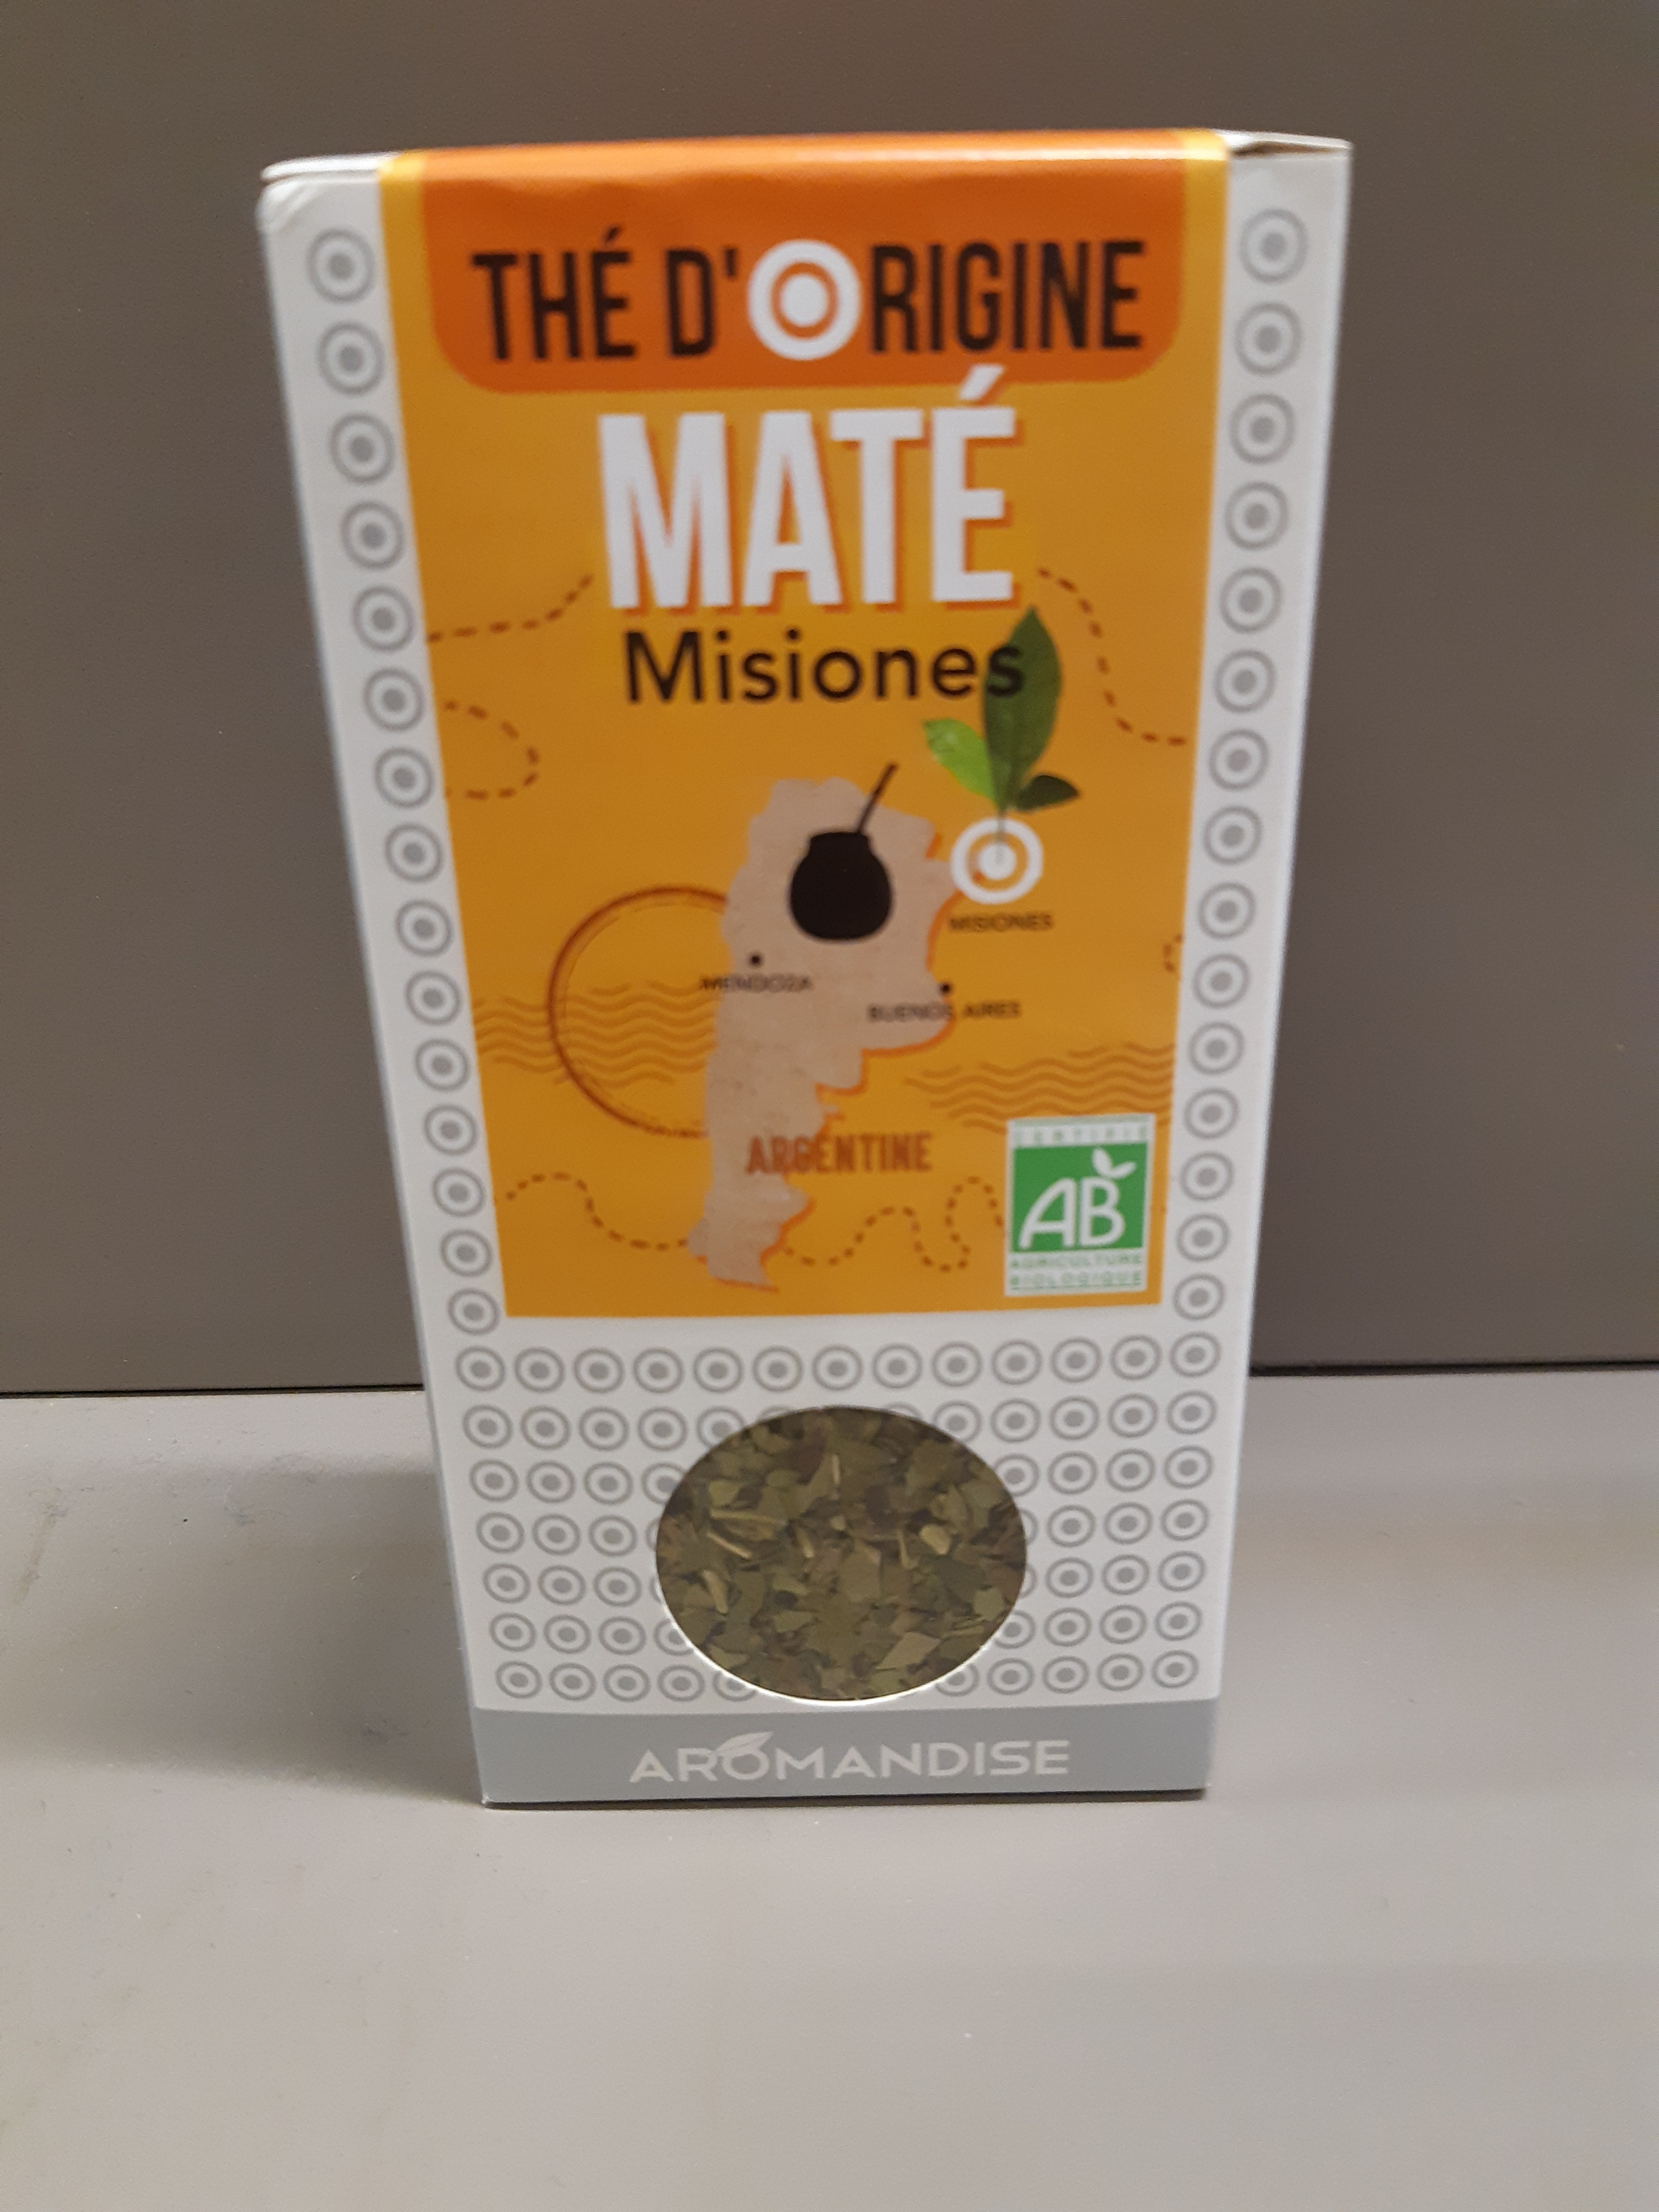 J'ai testé pour vous mon mate Argentine Misiones un accord typique et généreux de notes vertes boisées et ambrées.